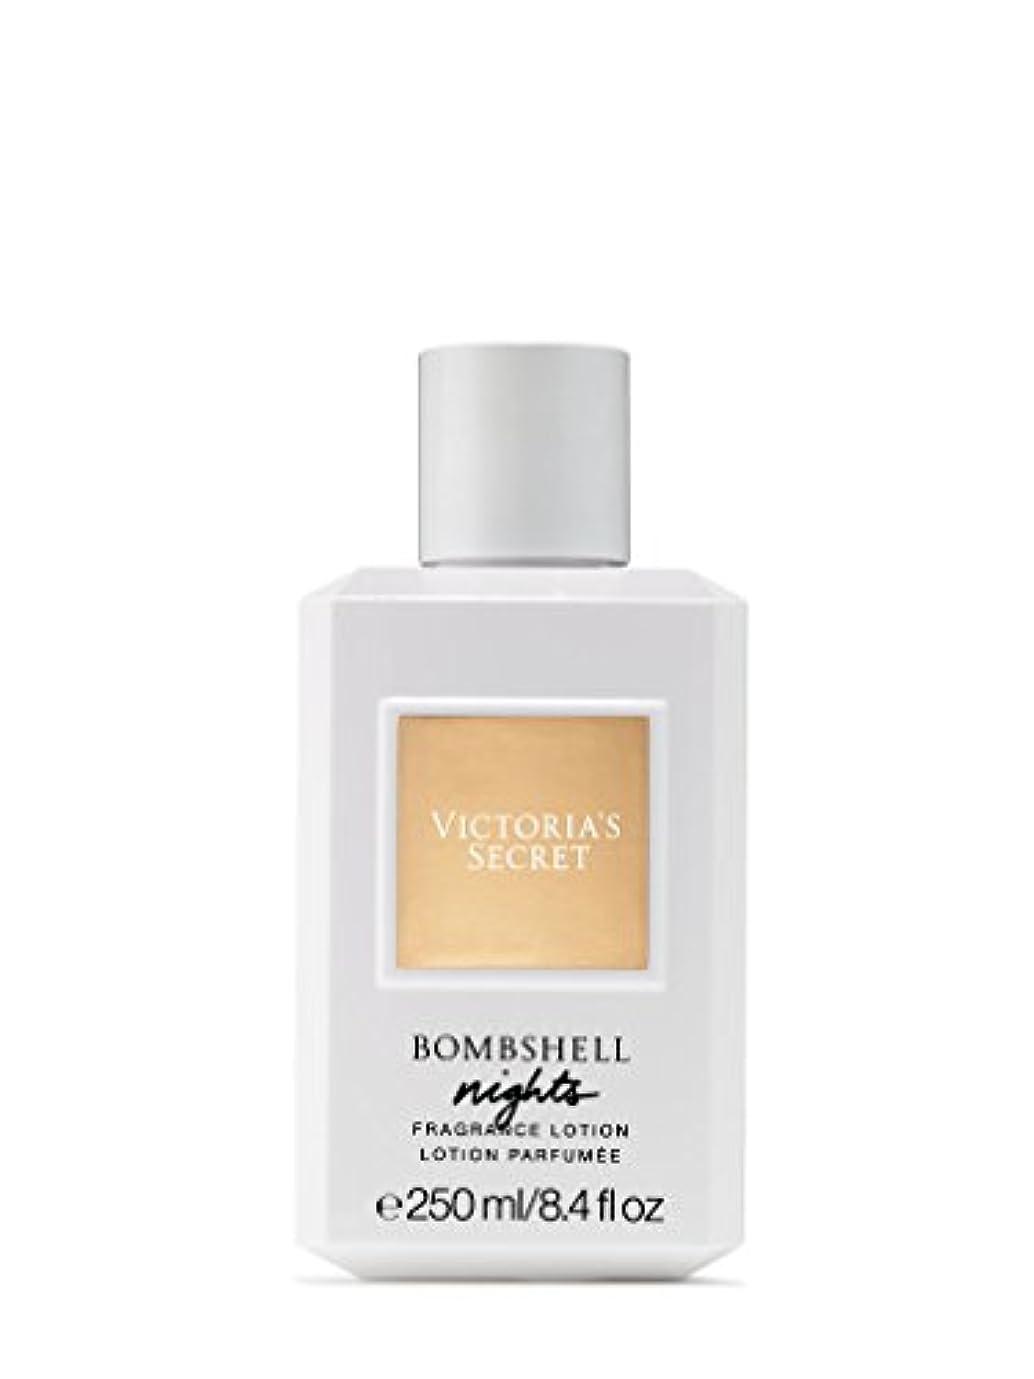 ポテト細分化するハングBombshell Nights (ボムシェル ナイツ) 8.4 oz (252ml) Fragrance Body Lotion ボディーローション by Victoria's Secret for Women